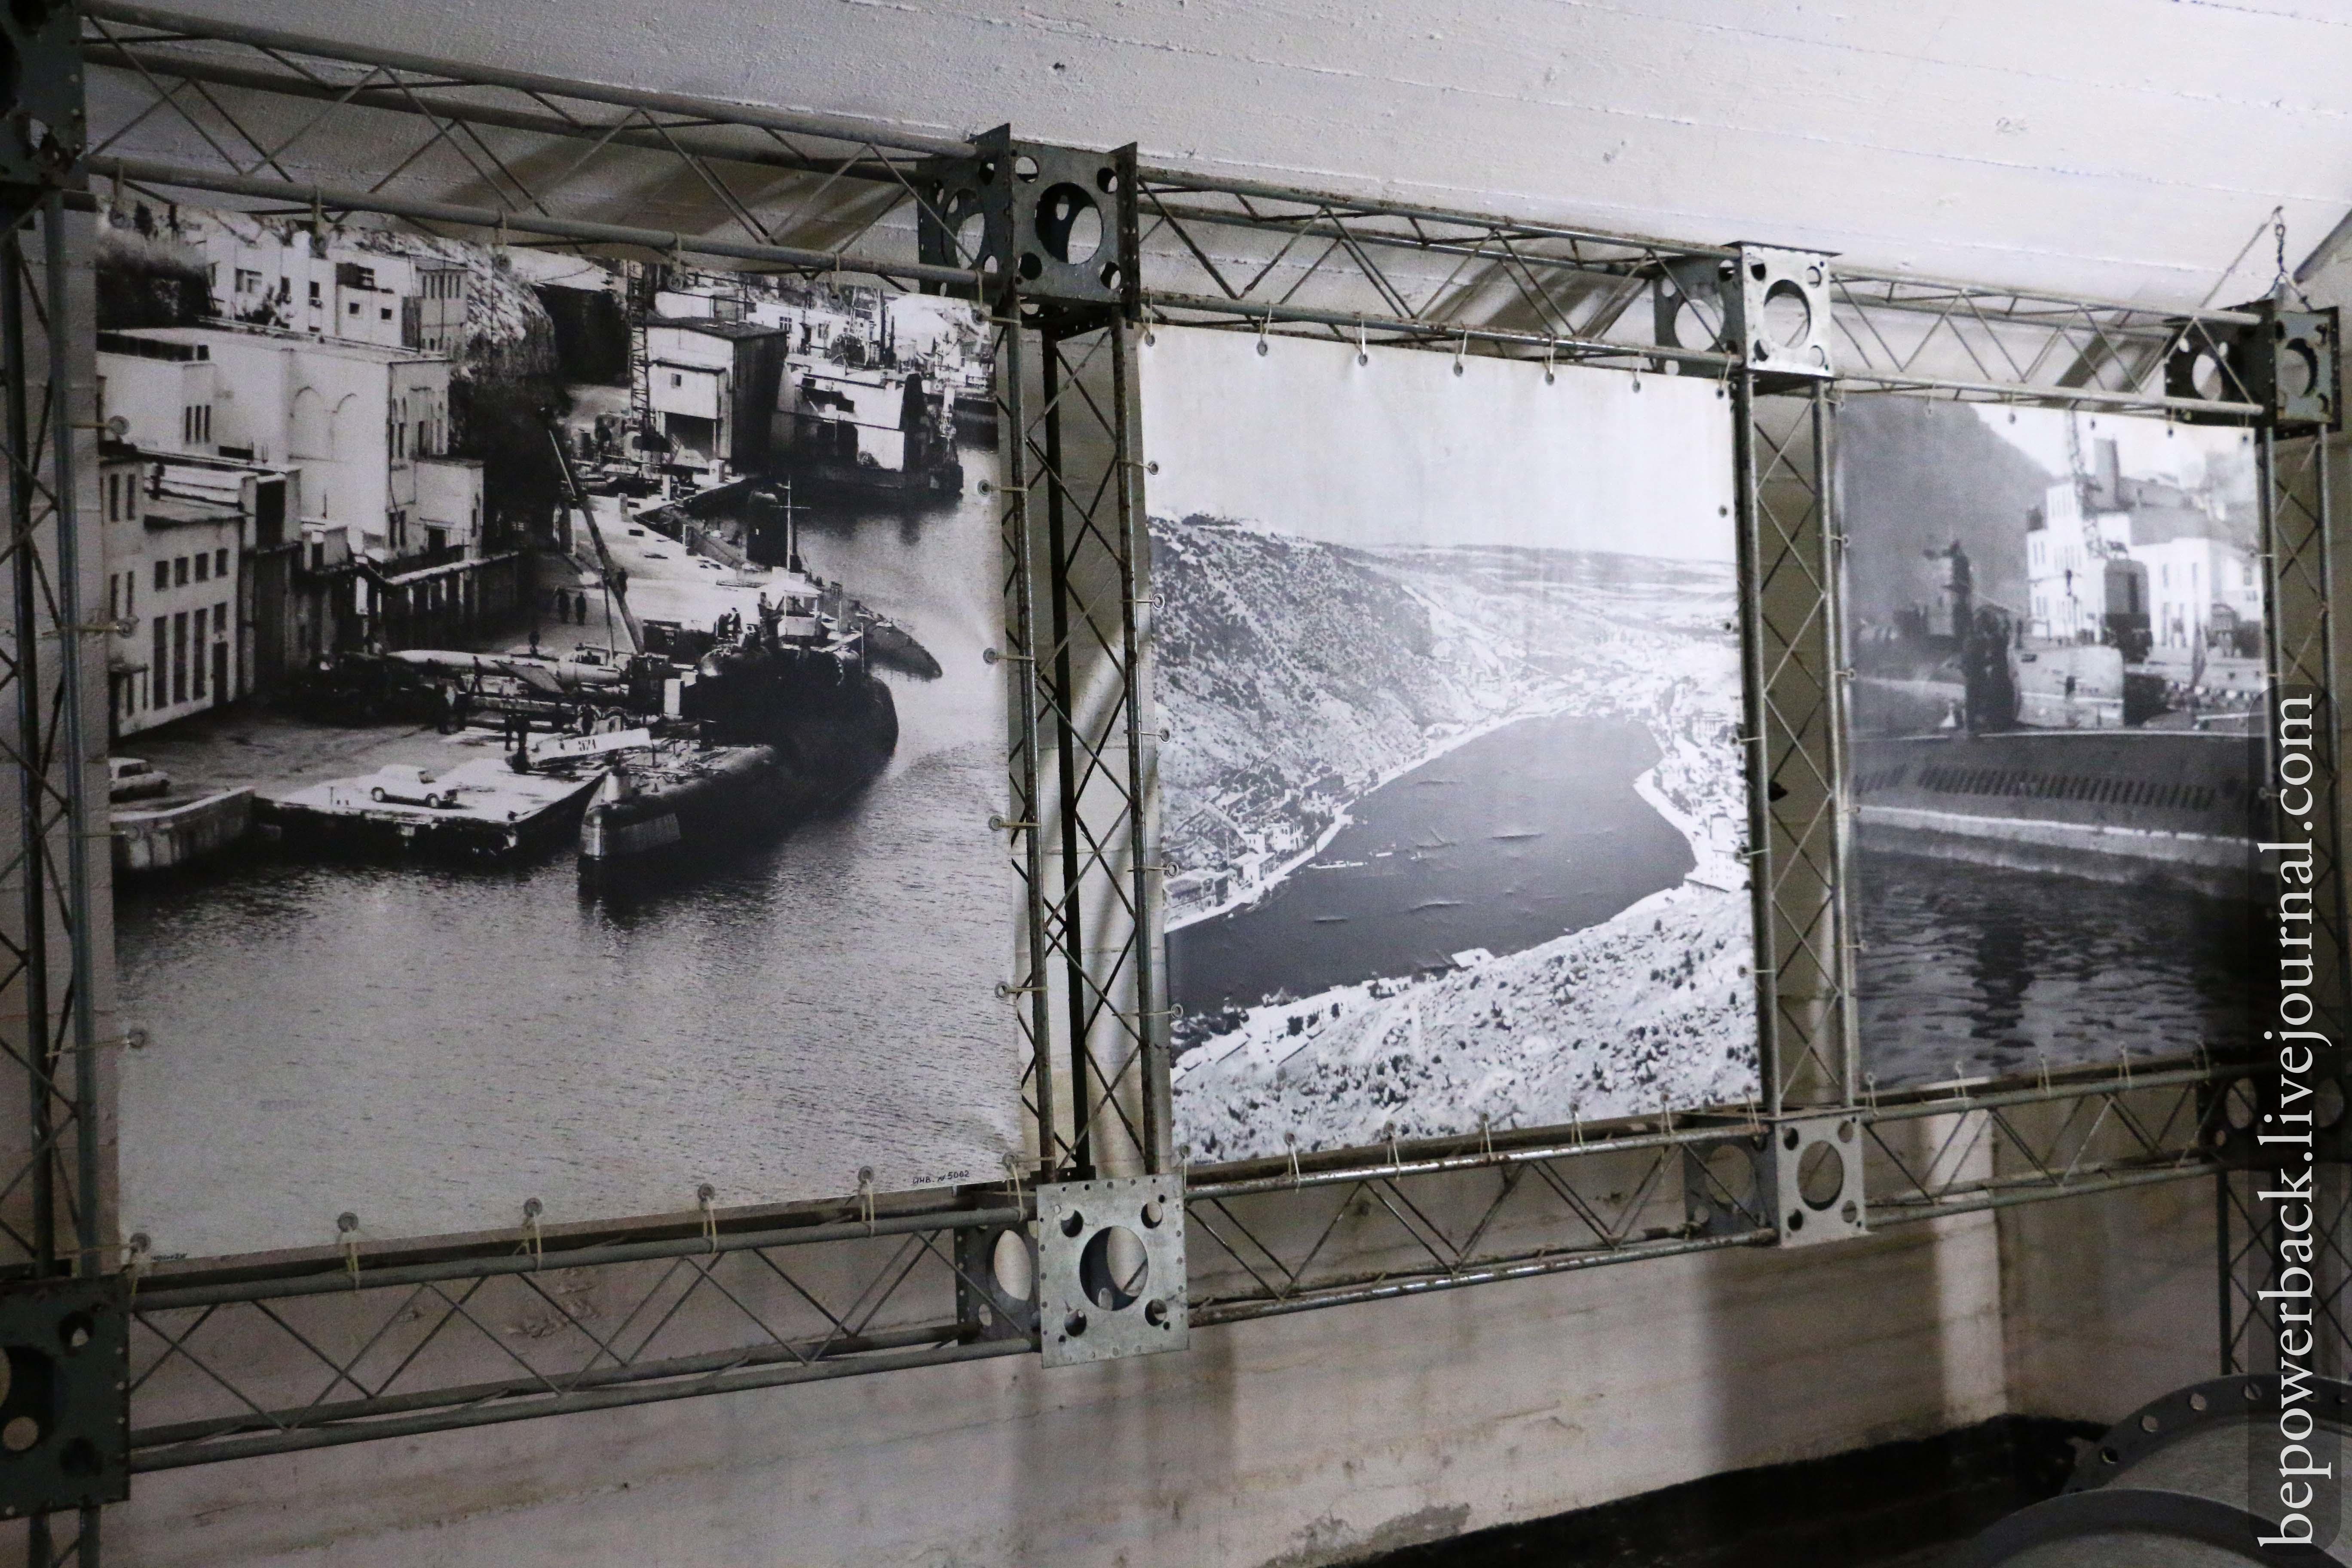 заброшенная база подводных лодок балаклавская бухта